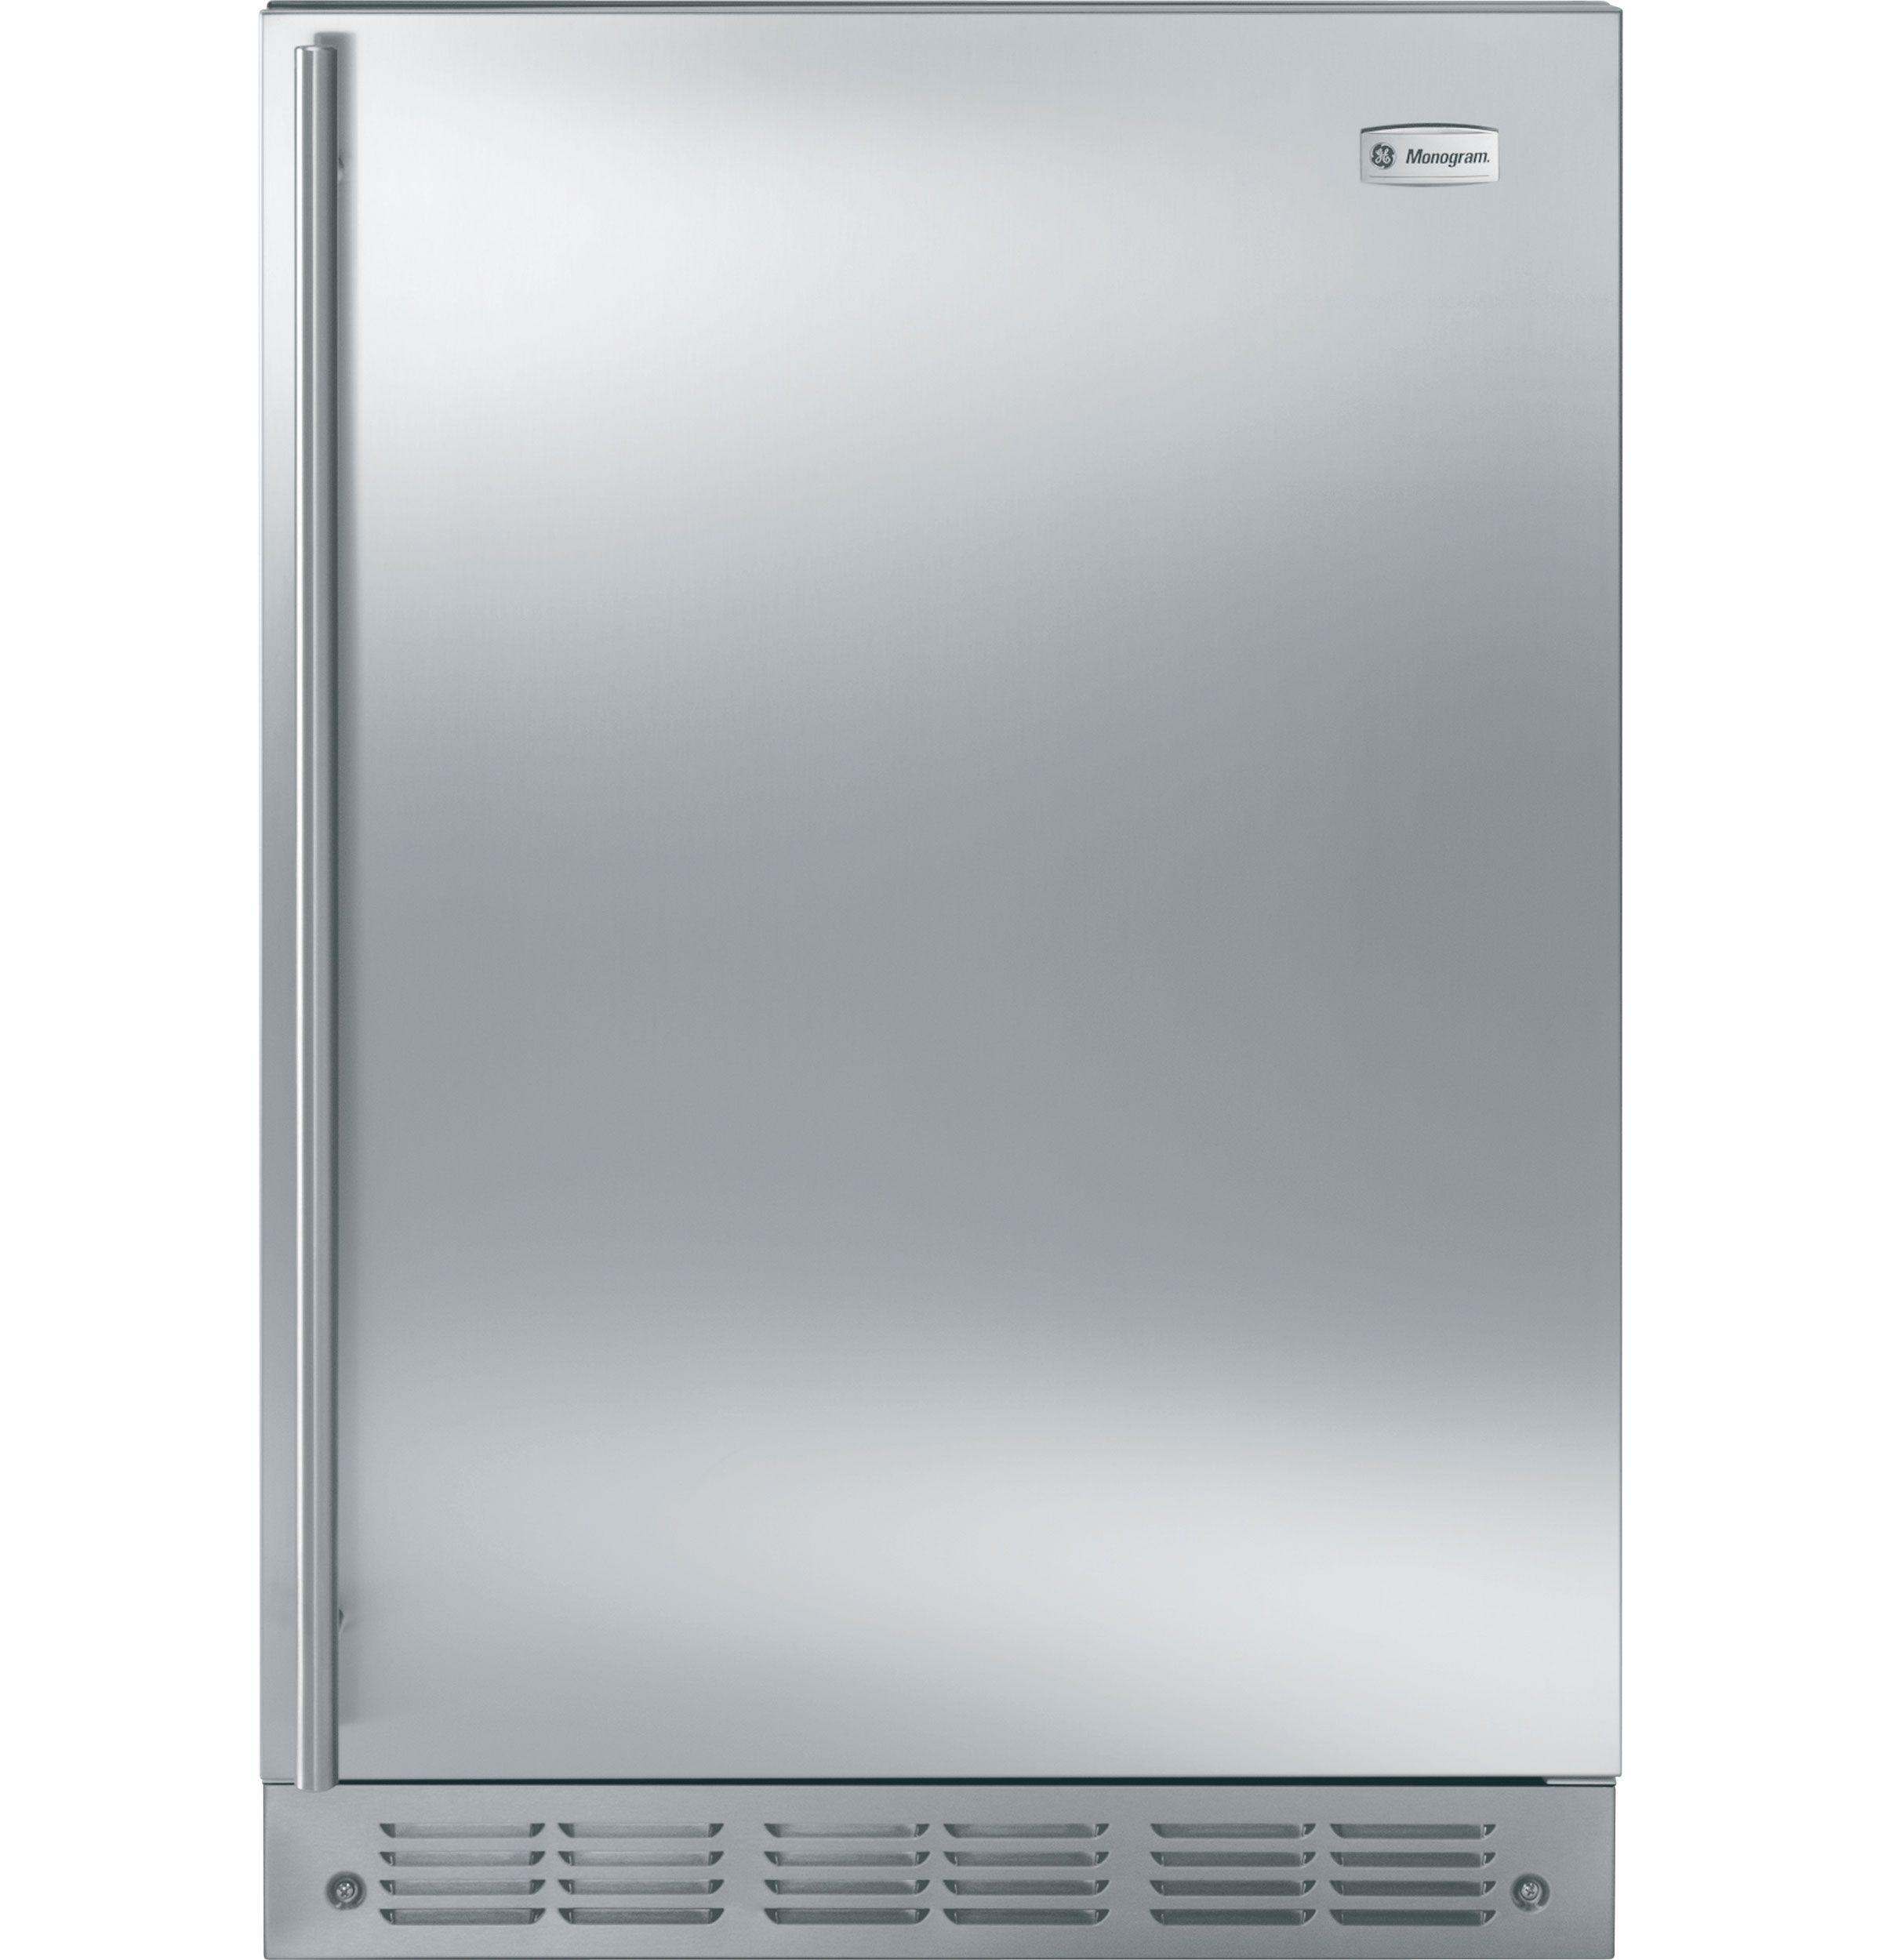 Ge Monogram Bar Refrigerator Module For Wet Bar 34 1 2 In X 23 3 4 In X 23 3 4 In Bar Refrigerator Bar Fridges Glass Shelves